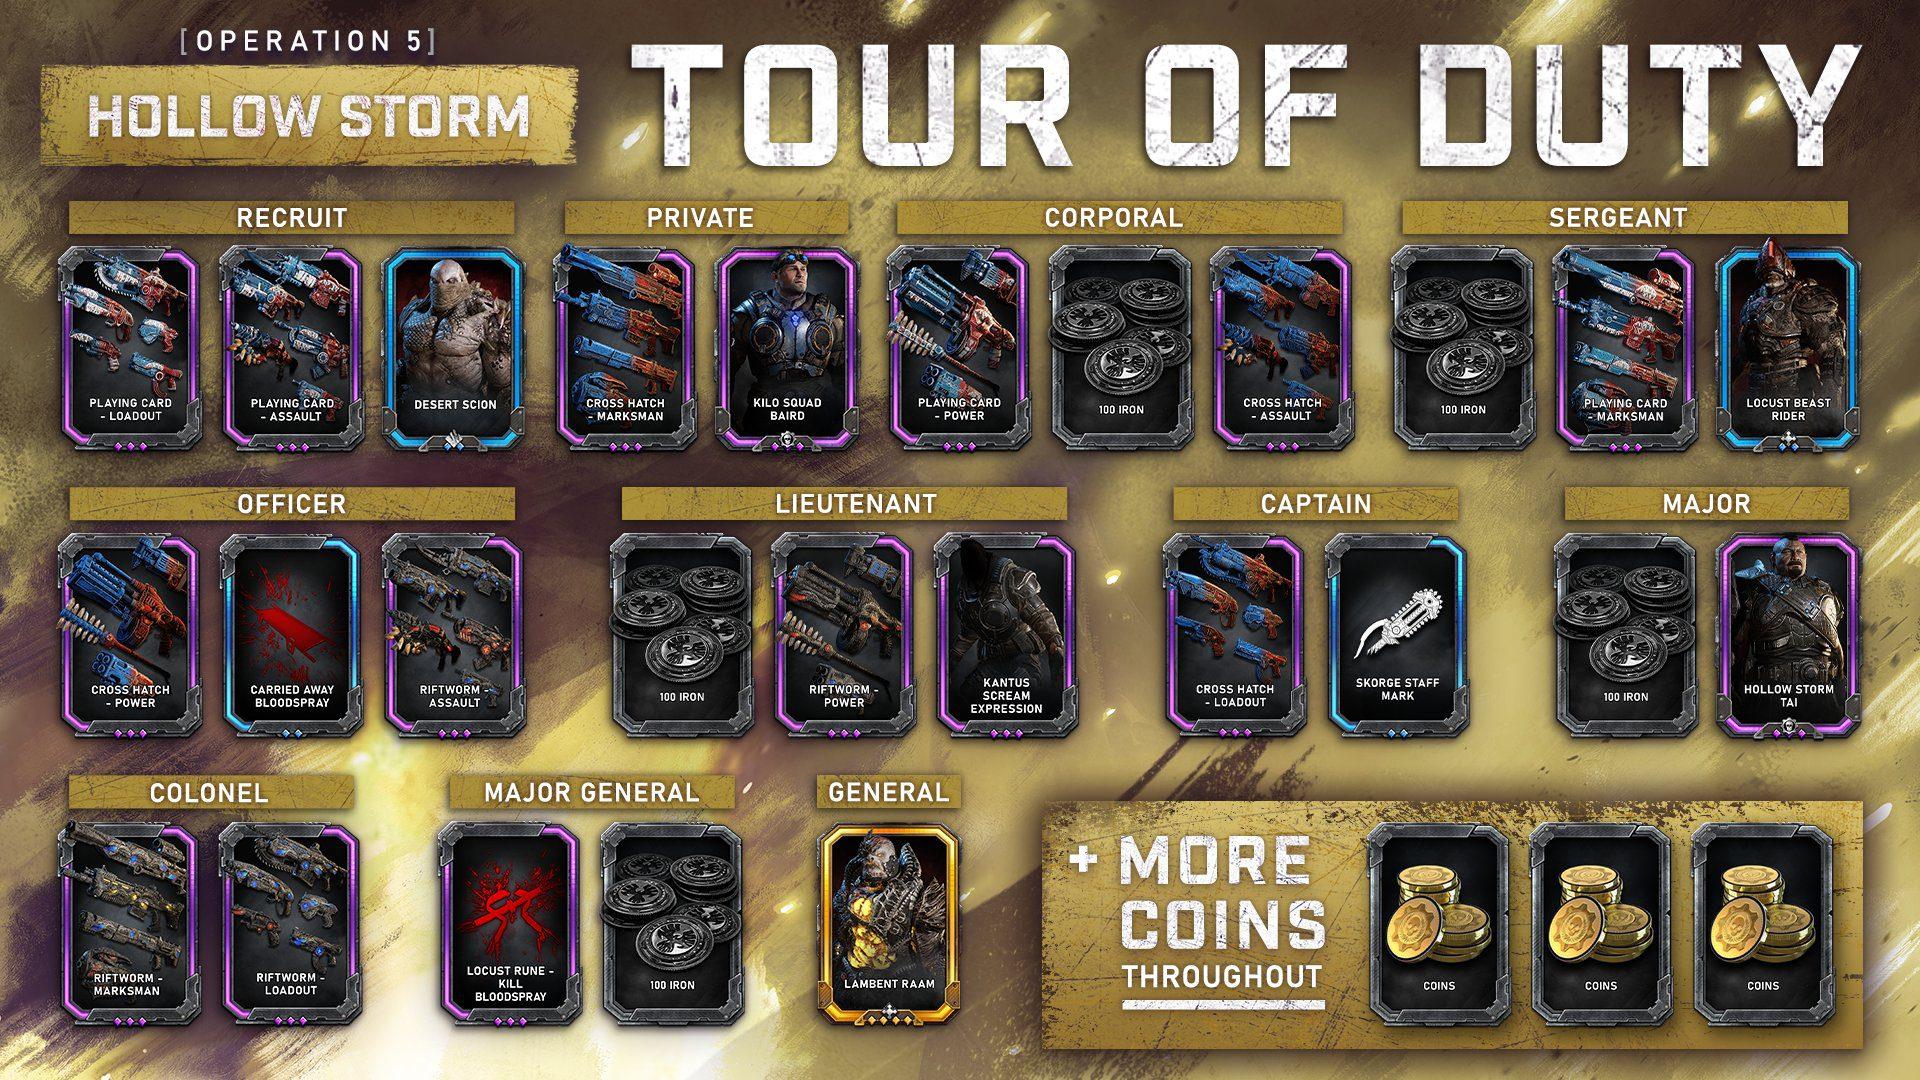 """Estas son las recompensas del nuevo recorrido de la """"Operación 5"""" en Gears 5"""